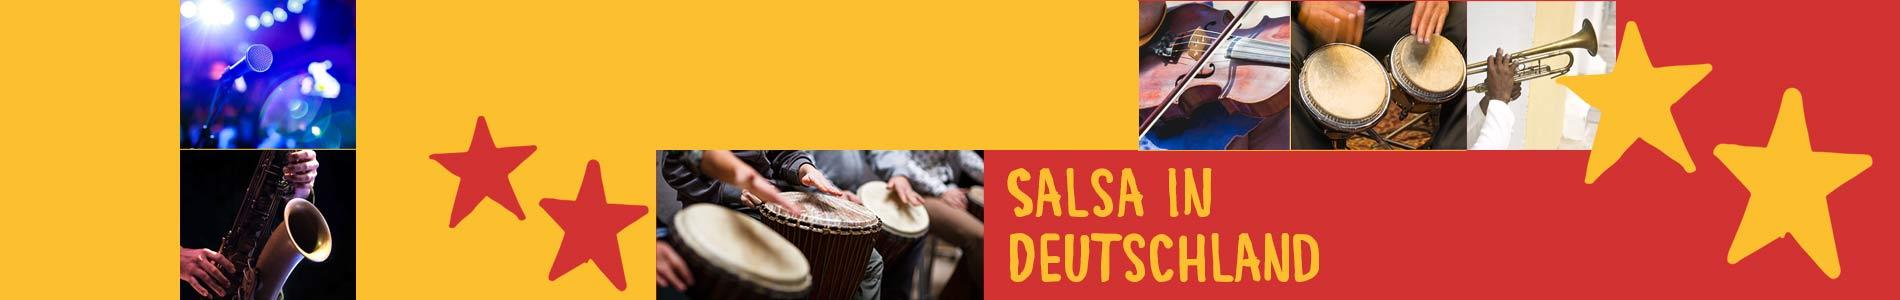 Salsa in Bütthard – Salsa lernen und tanzen, Tanzkurse, Partys, Veranstaltungen